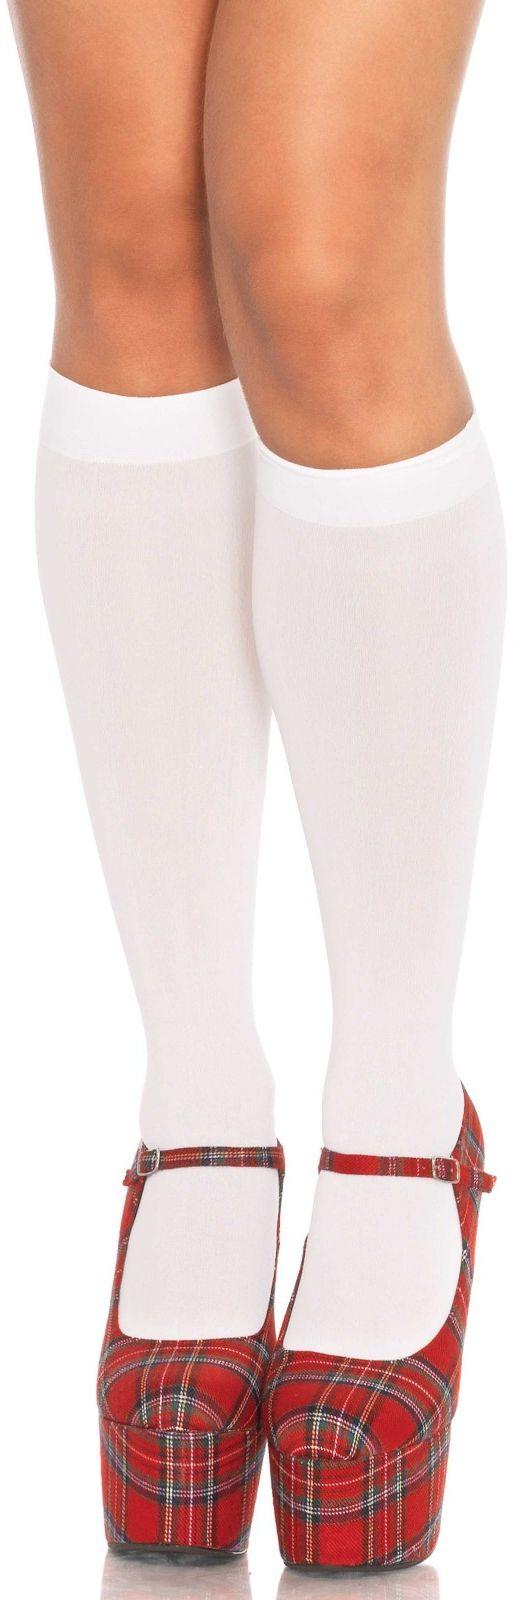 Leg Avenue Nylon Knee Highs 5572 White